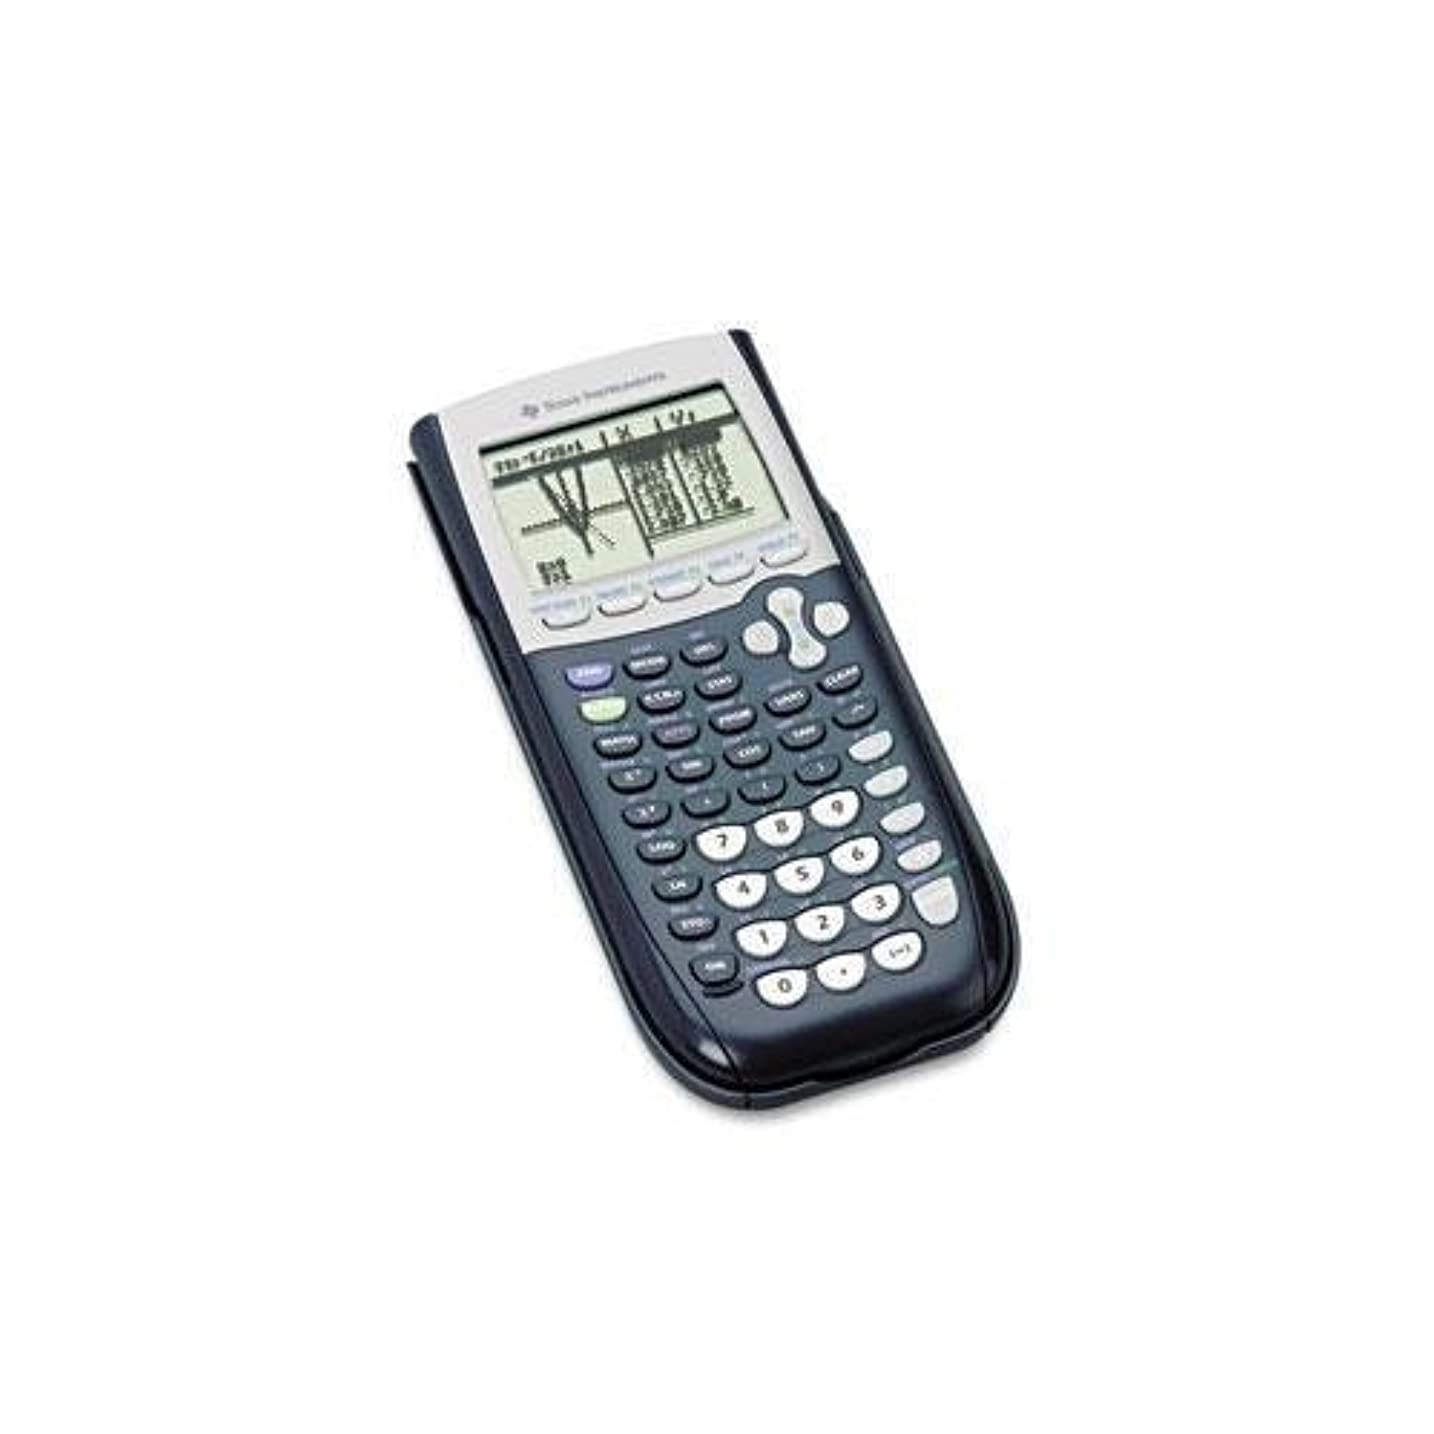 ペンフレンド少なくとも記憶に残るTEXASINSTRUMENTS ti84plus ti-84plusプログラム可能なグラフ化、電卓10桁LCD